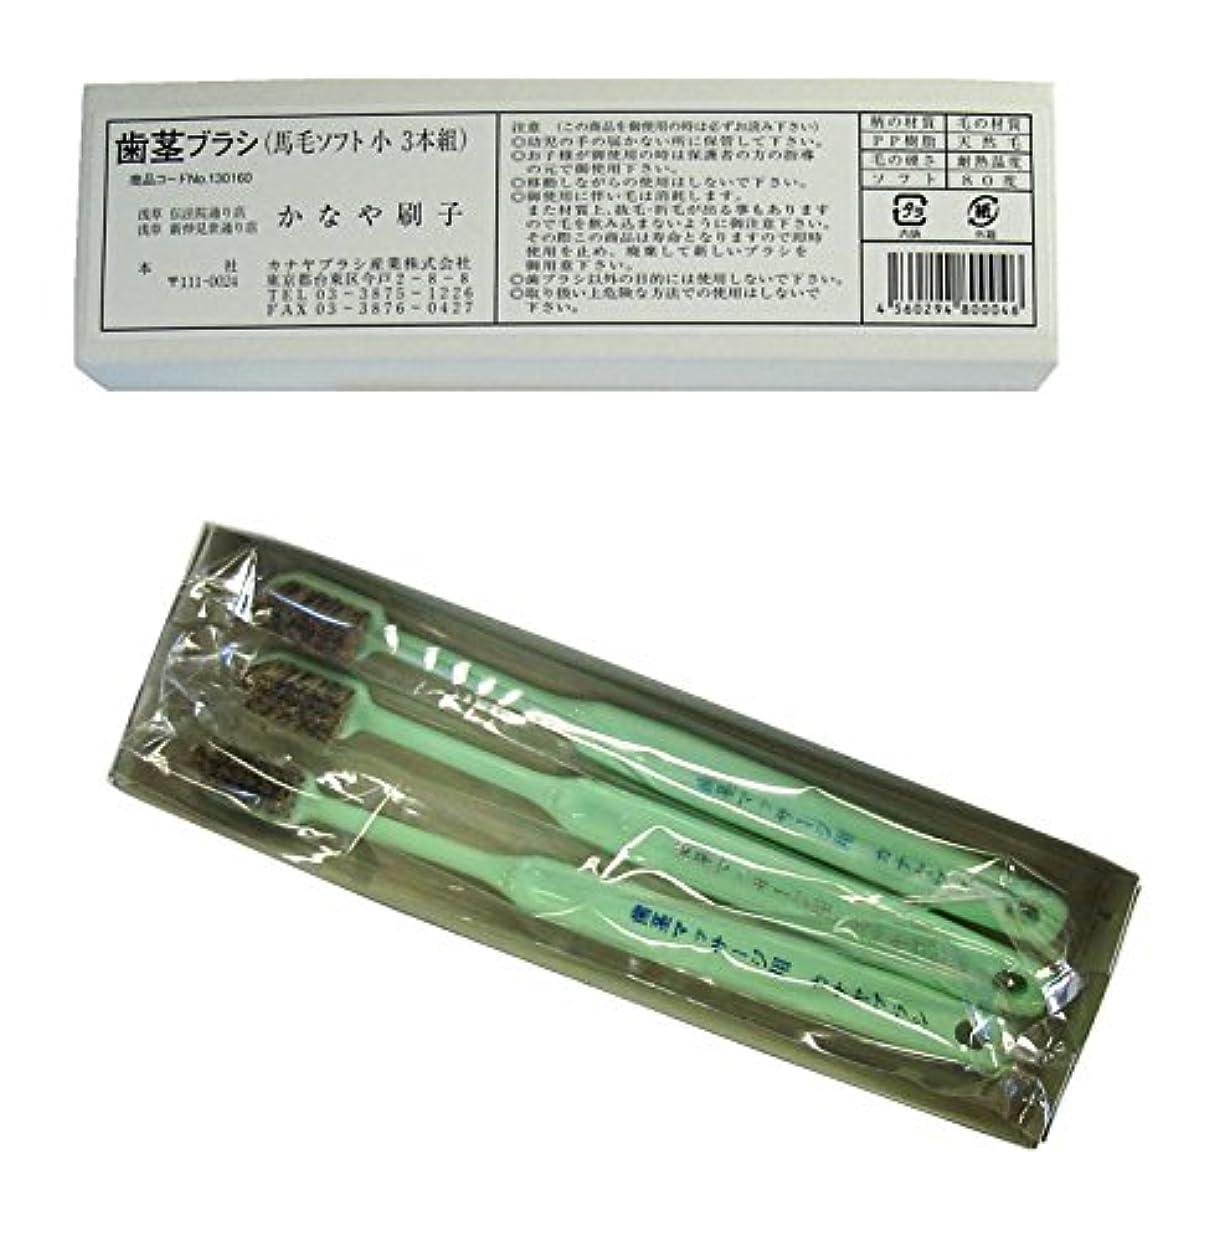 水っぽい信頼性のある崇拝する馬毛歯茎ブラシ(3本入り) 絶品! カナヤブラシ製品 毛質:超ソフト